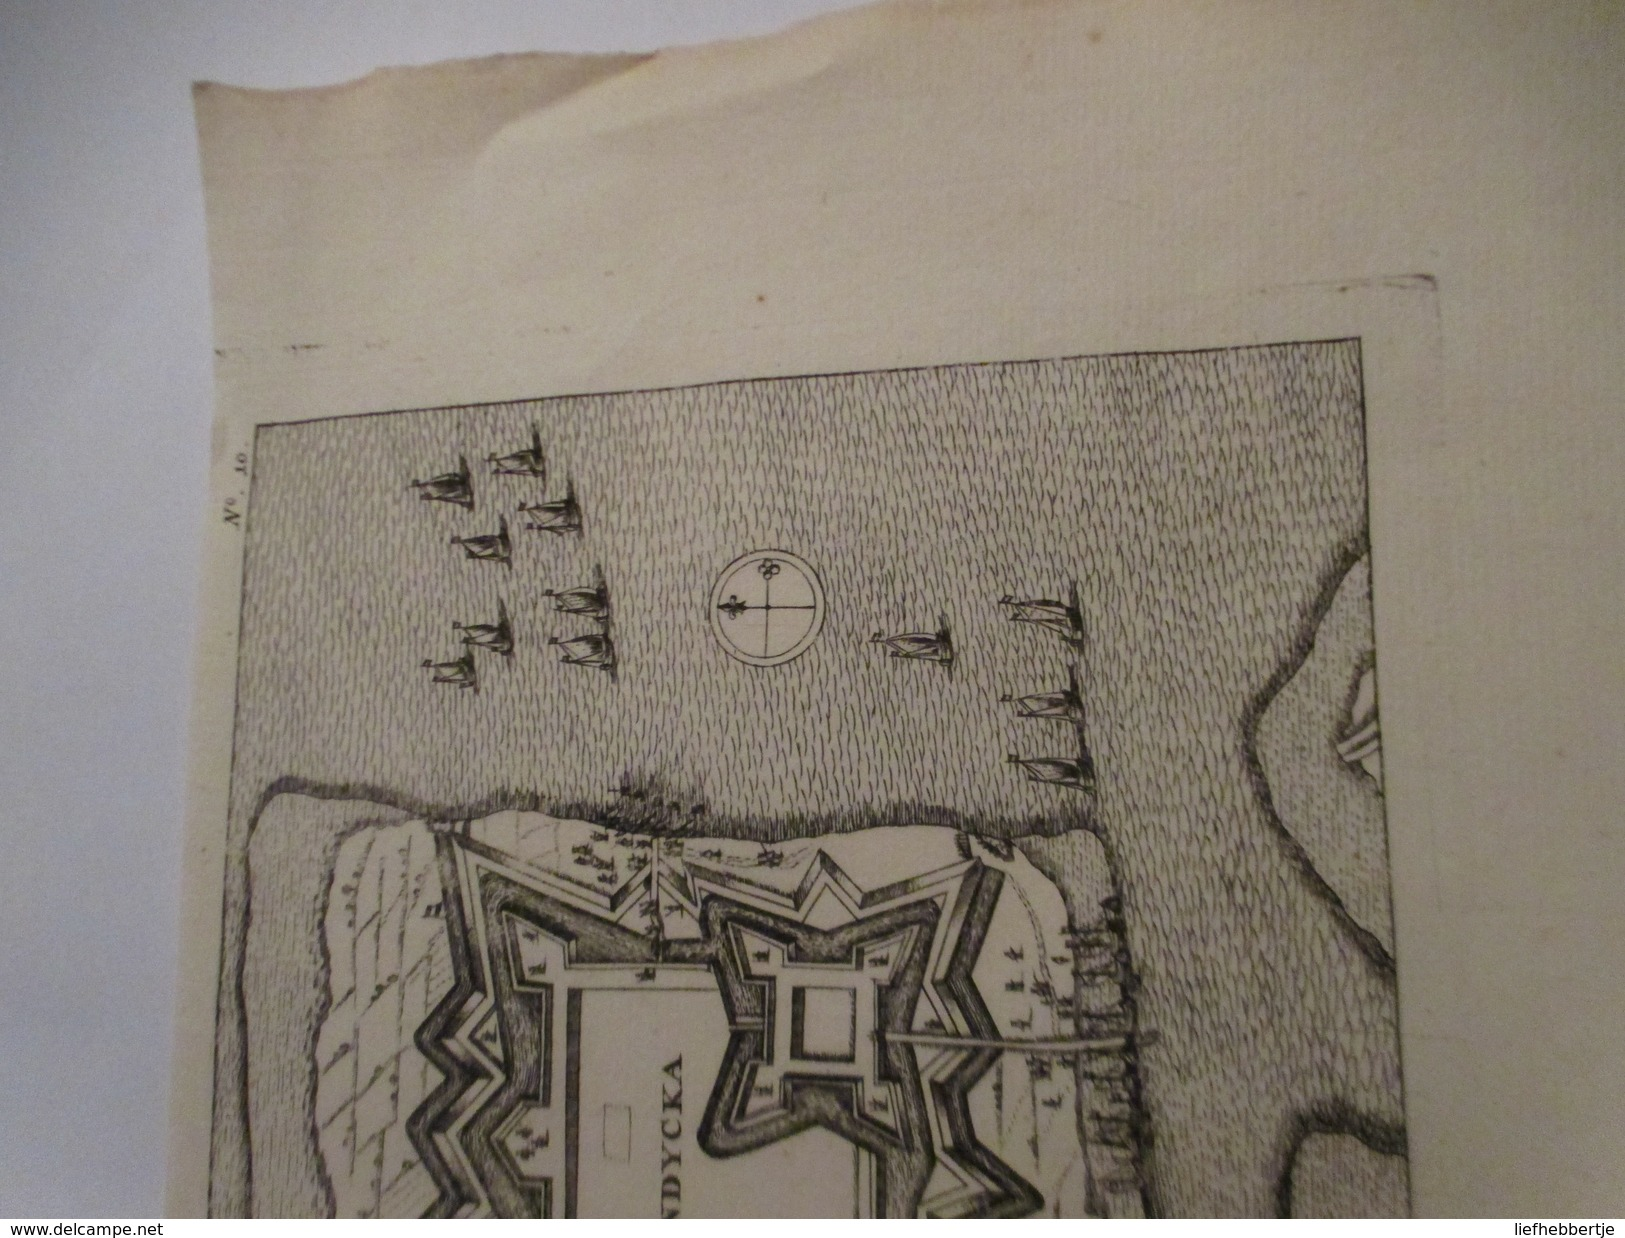 Ijzendijke Bij Sluis  - Zeeland  -   Oude Kaart Uit 1735 - Cartes